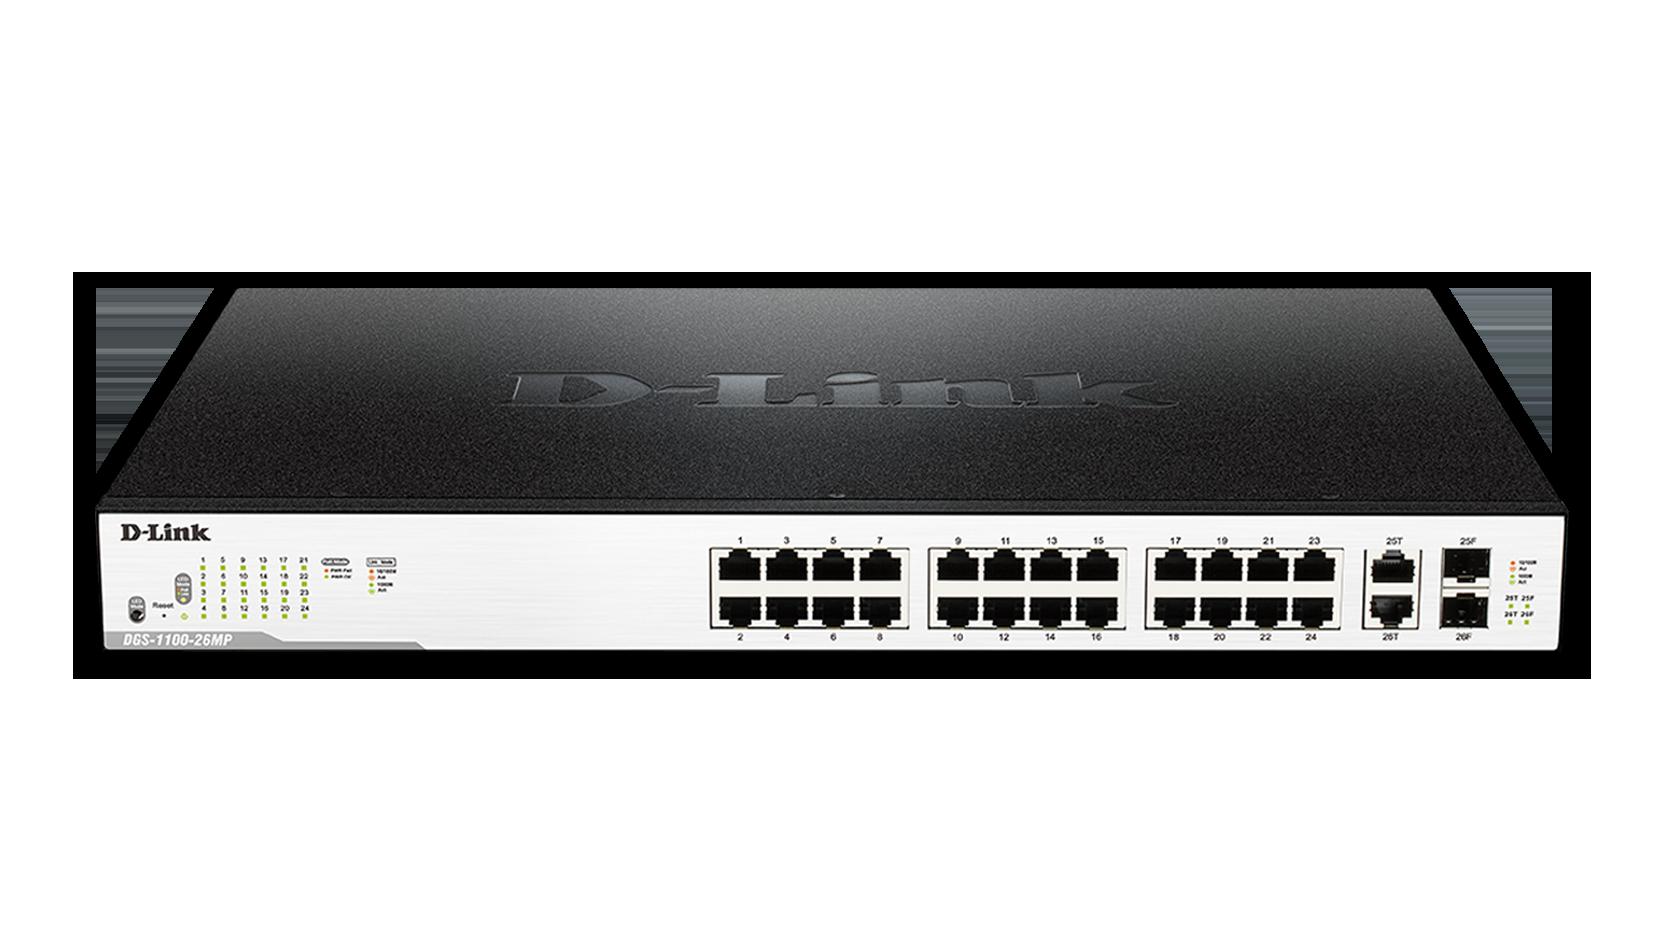 Switch D-Link DGS-1100-26MP cu management cu PoE 24x1000Mbps-RJ45 (PoE) + 2x1000Mbps (sau 2xSFP)